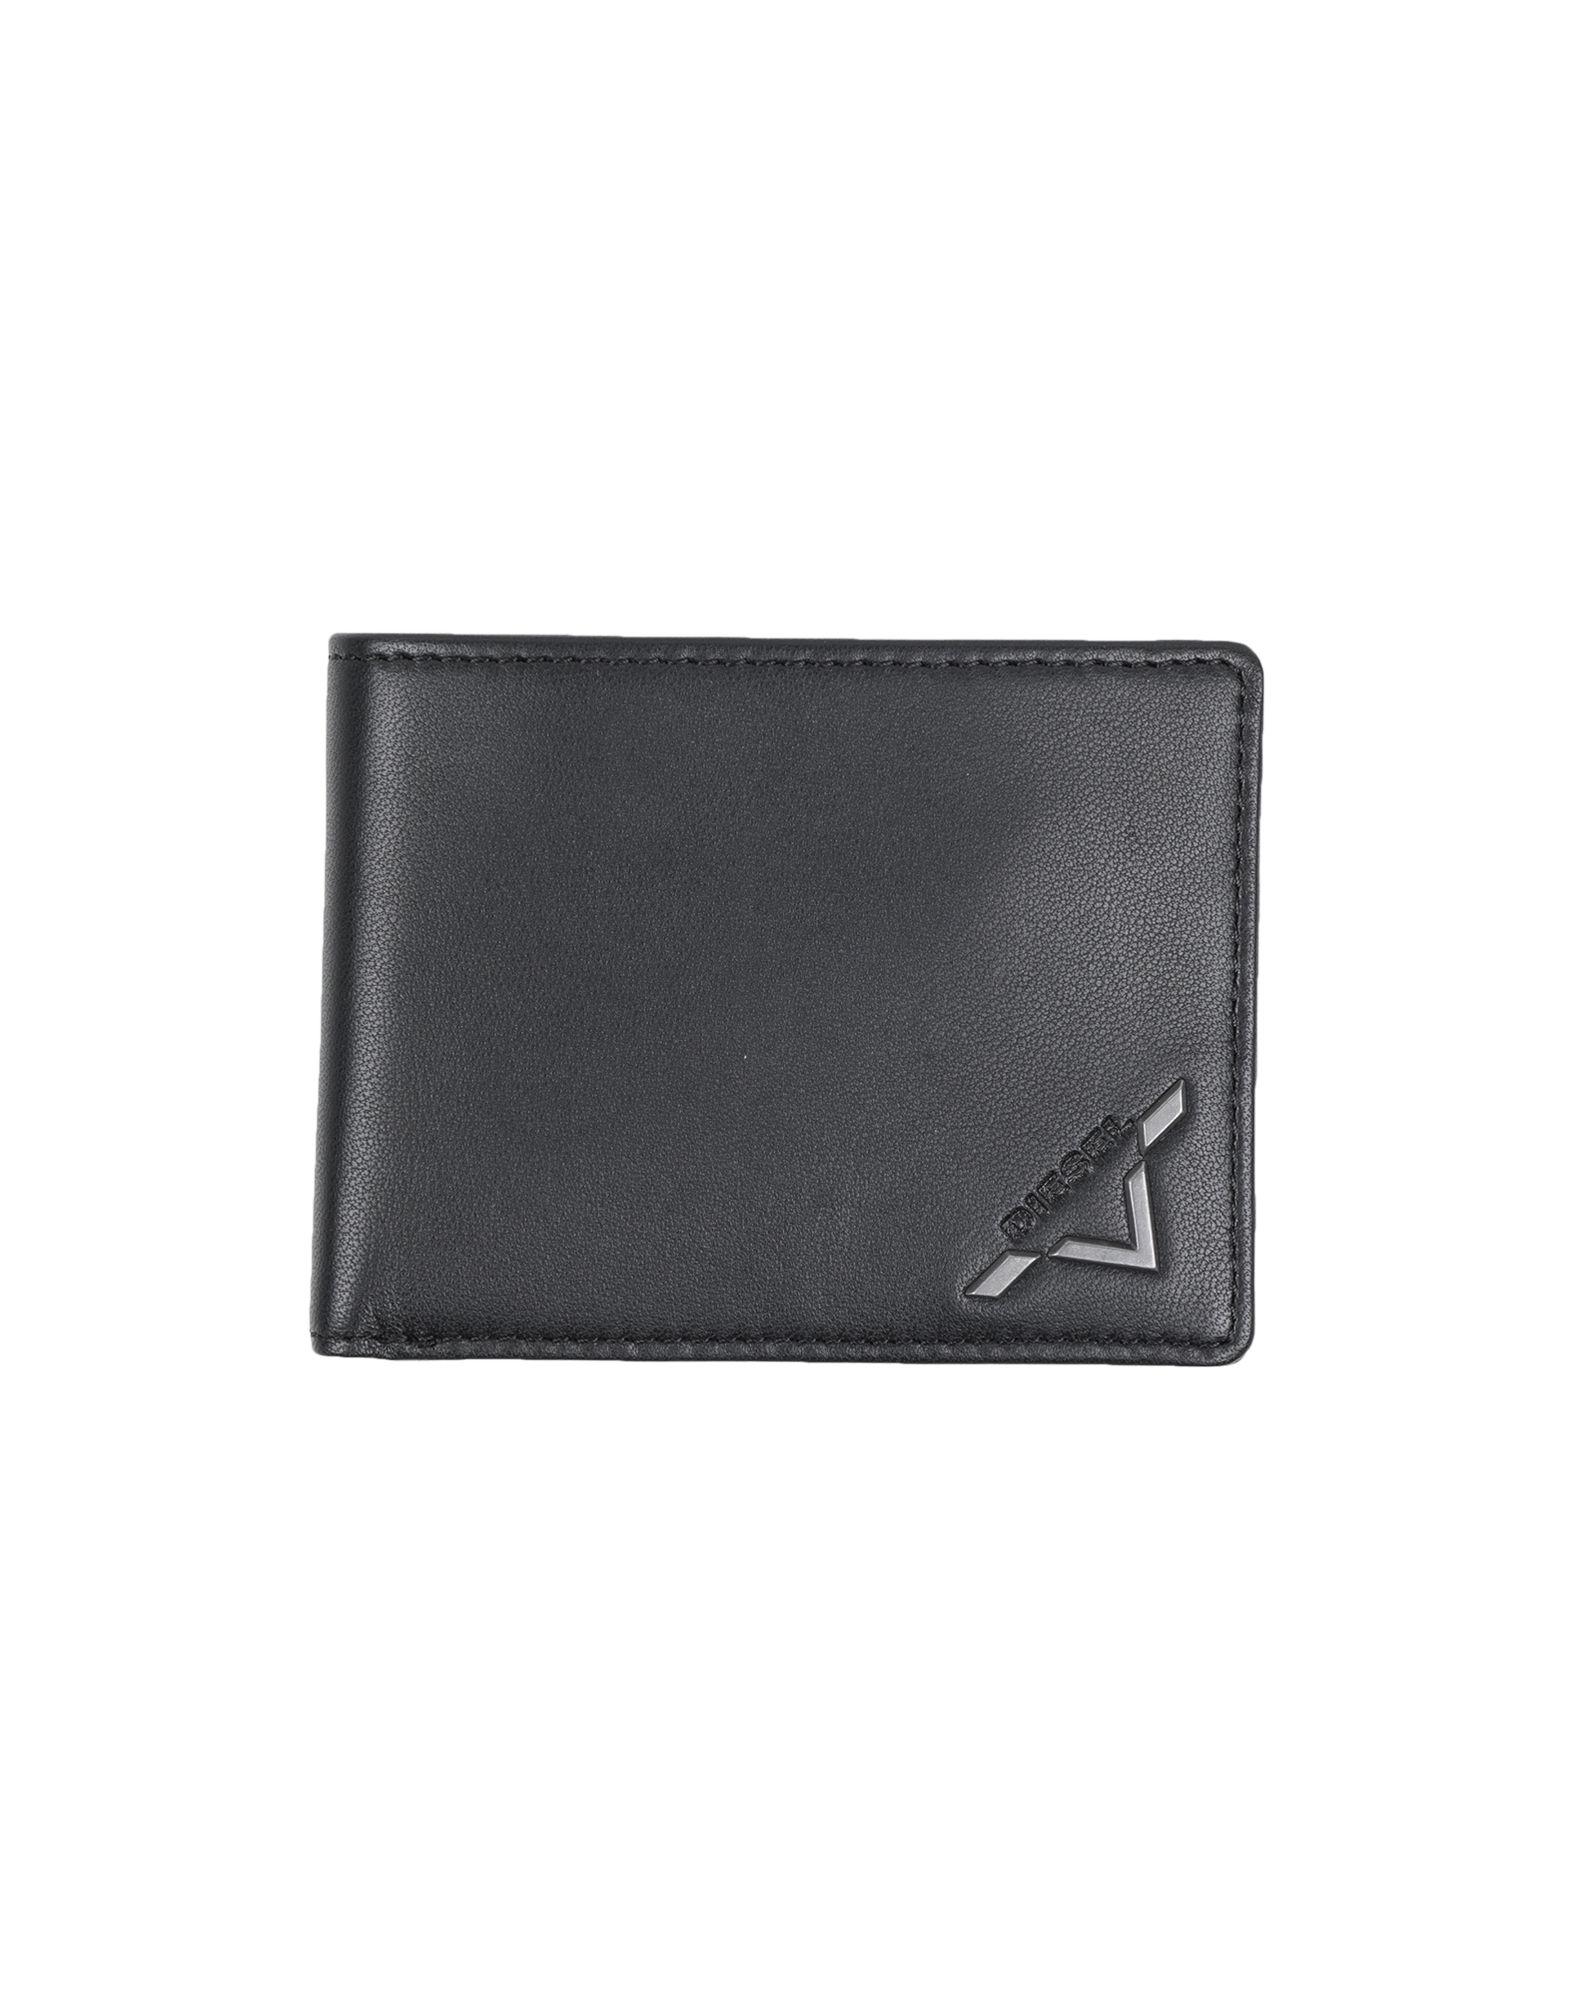 《送料無料》DIESEL メンズ 財布 ブラック 革